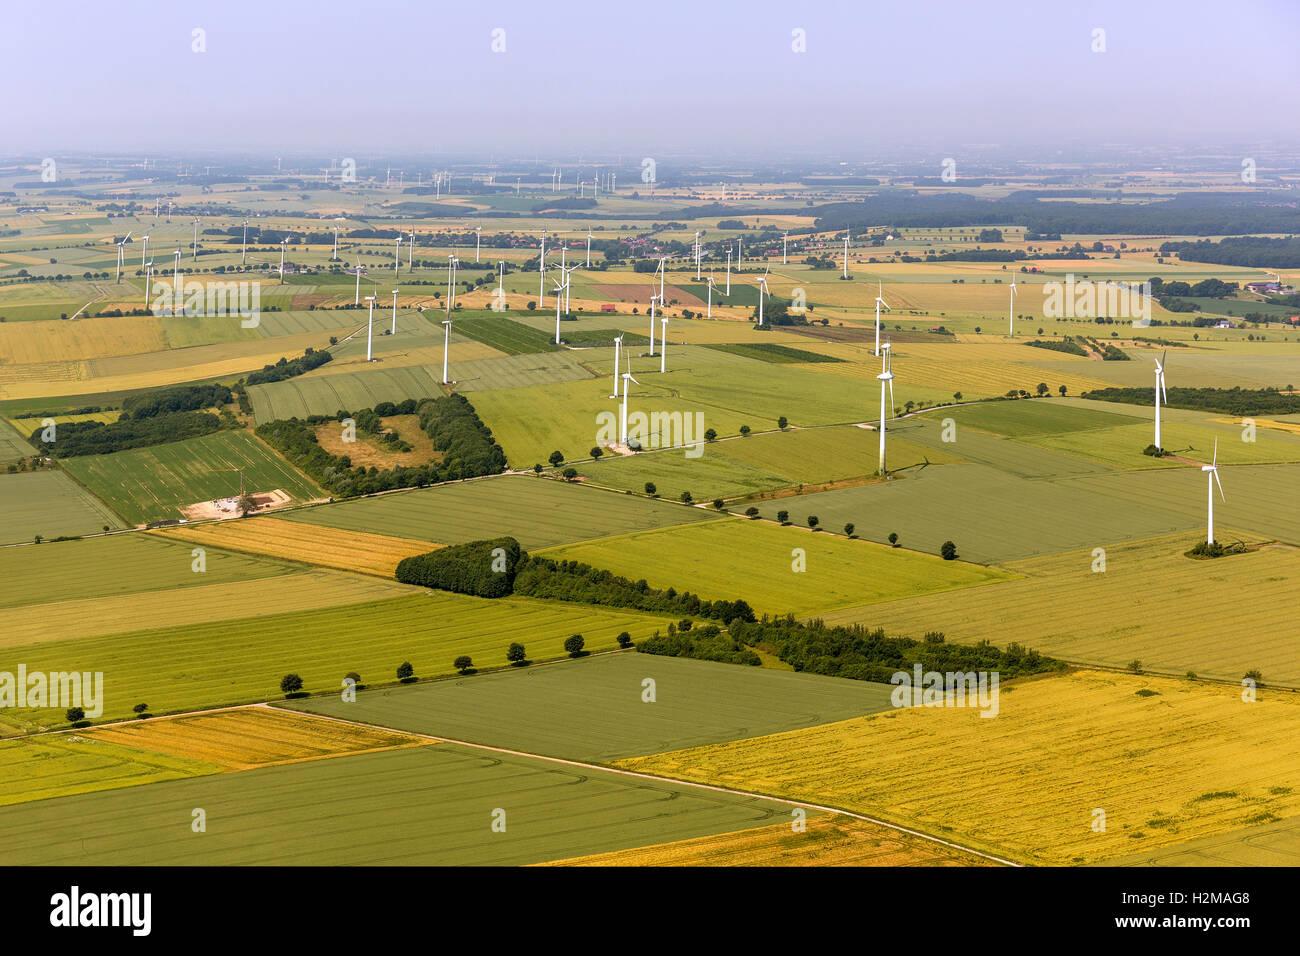 Luftbild, Windpark mit Rüthen, Windkraftanlagen, Luftbild von Rüthen, Sauerland, Soester Börde, Stockbild